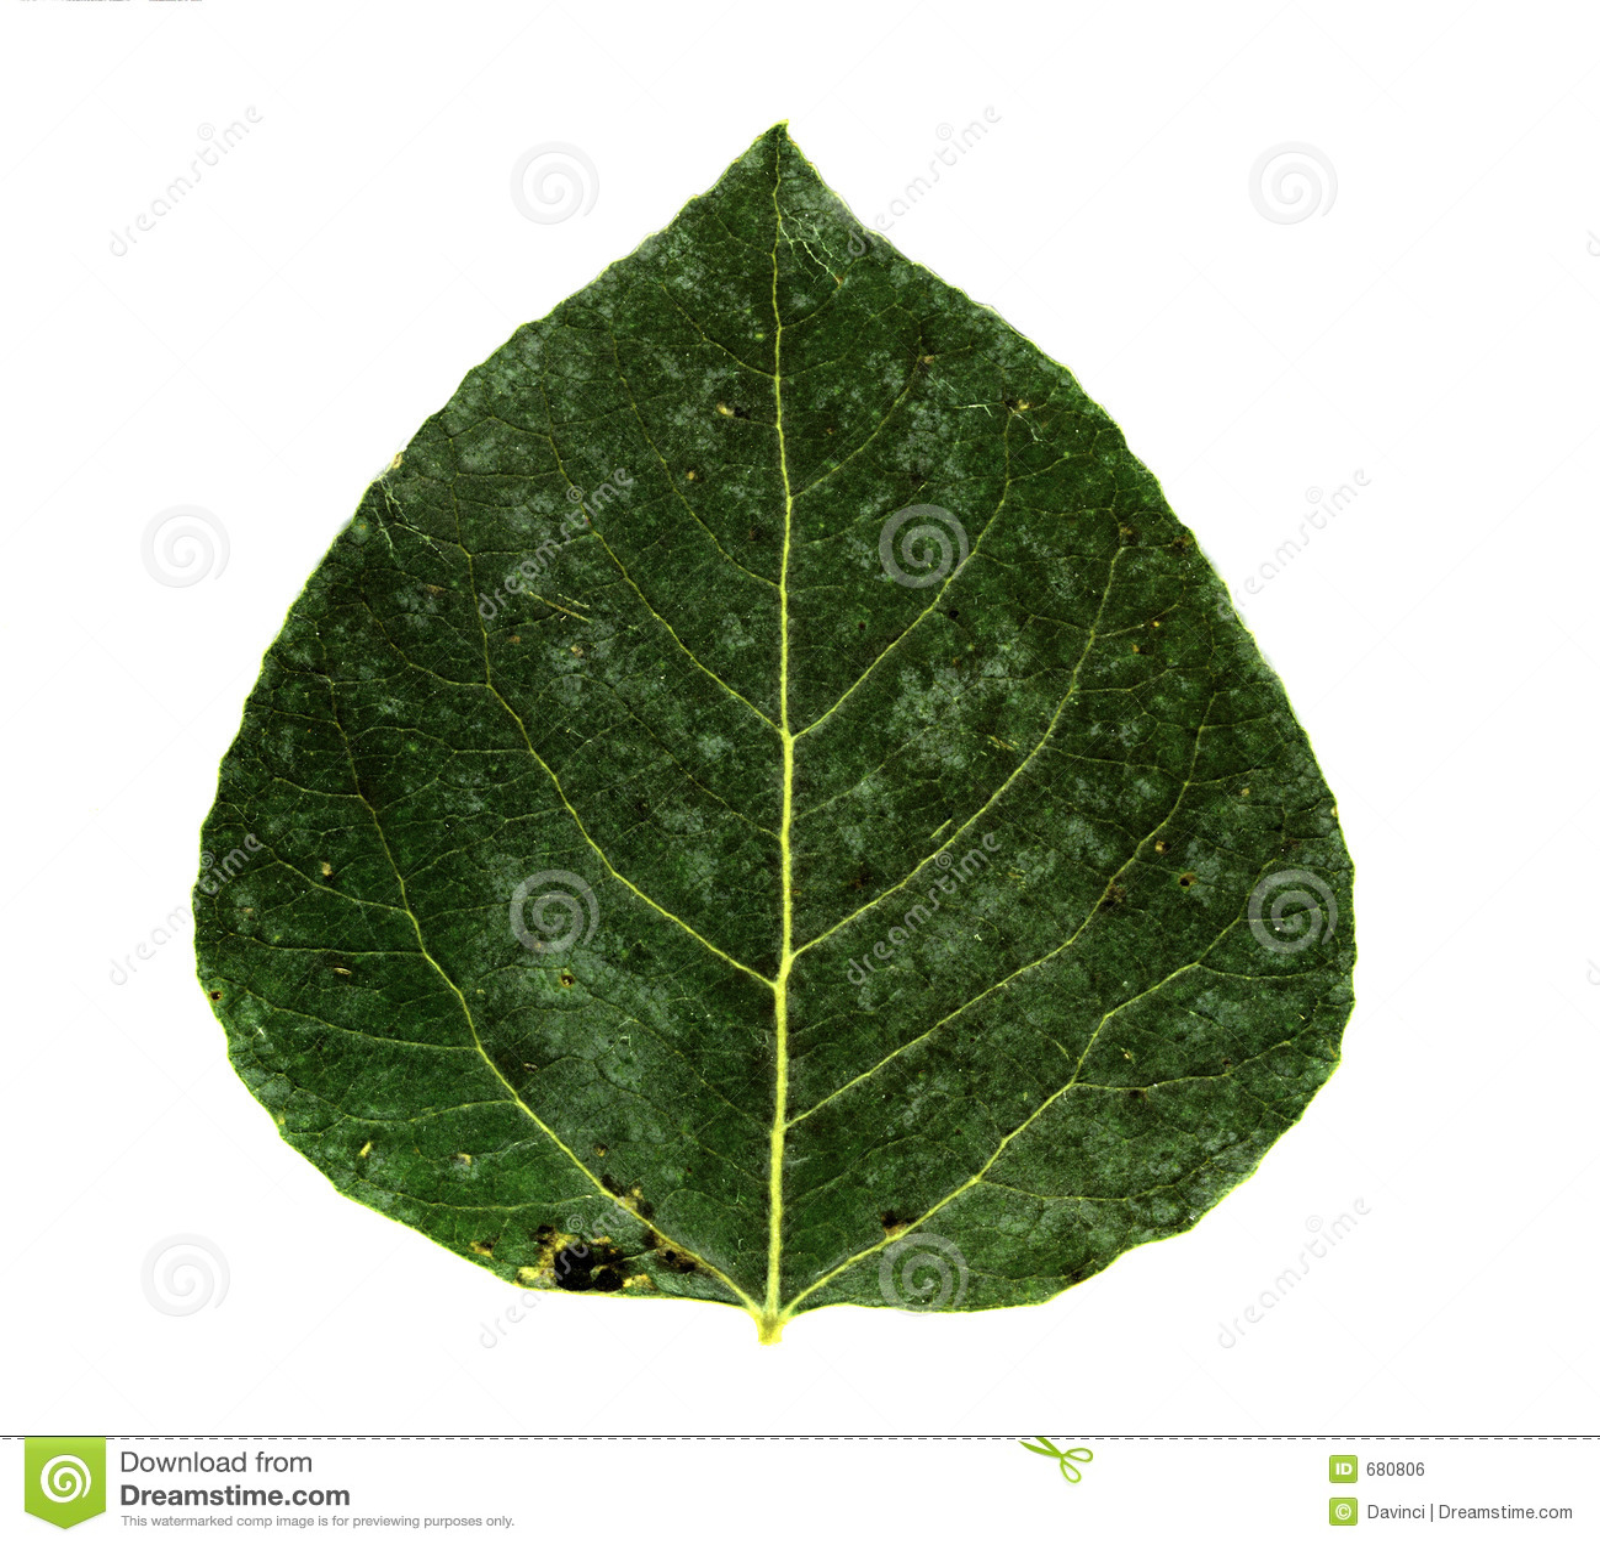 как выглядит лист осины фото